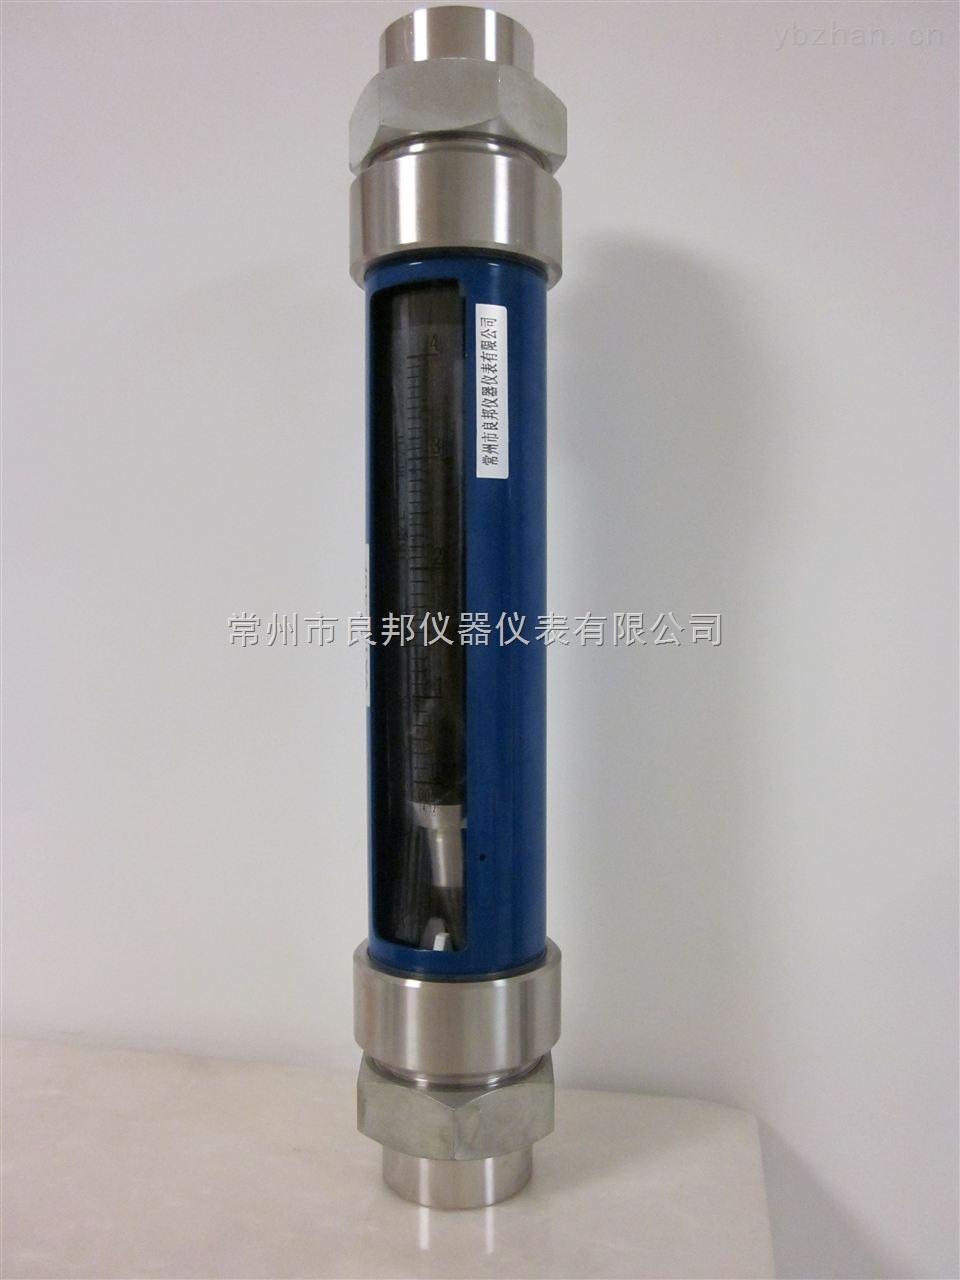 VA10-40德国玻璃转子流量计技术制造厂家